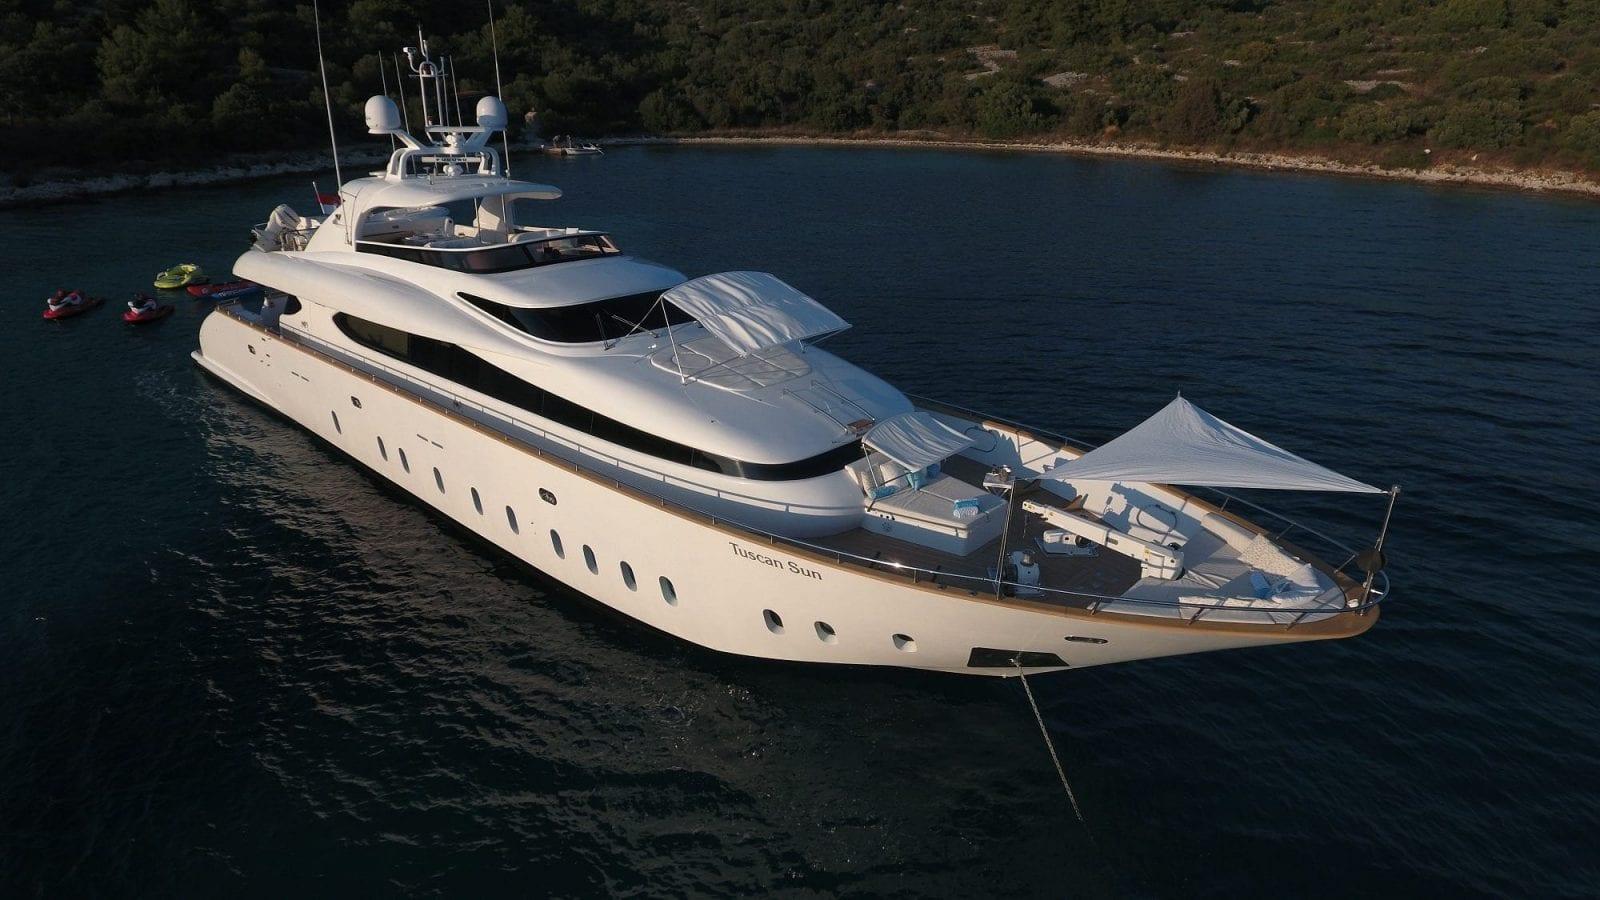 Motor yacht Tuscan Sun